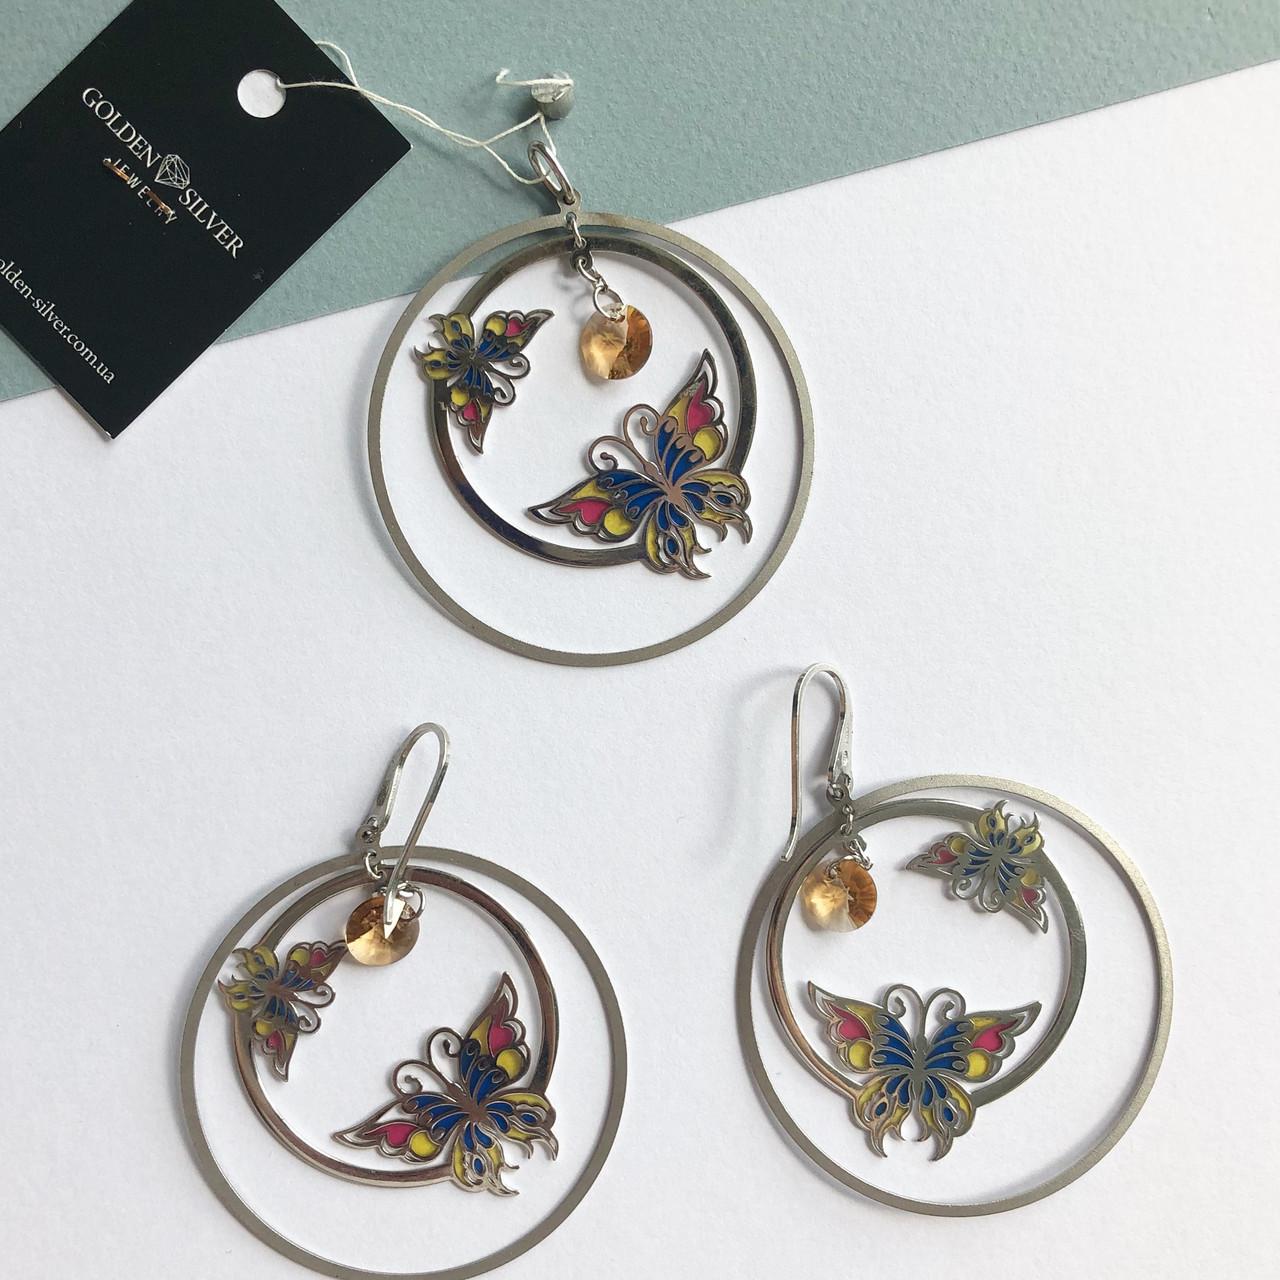 Набор украшений из серебра кулон + серьги в виде бабочек